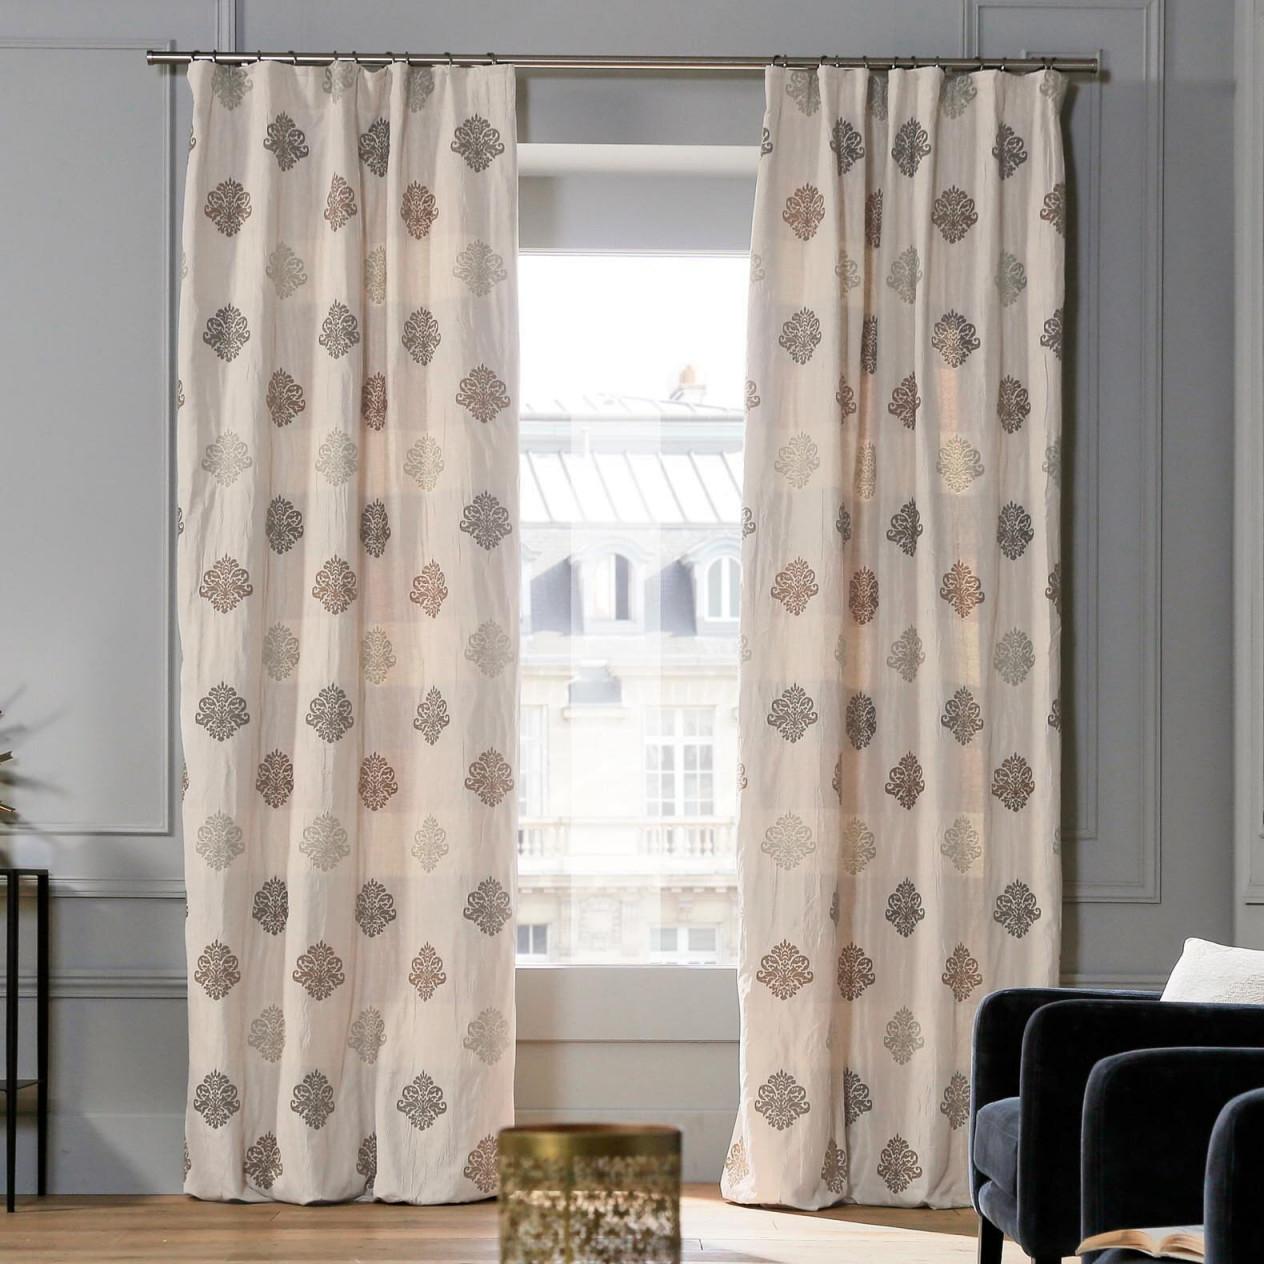 Romantische Edle Gardinen Wohnzimmer – Caseconrad von Romantische Gardinen Wohnzimmer Bild